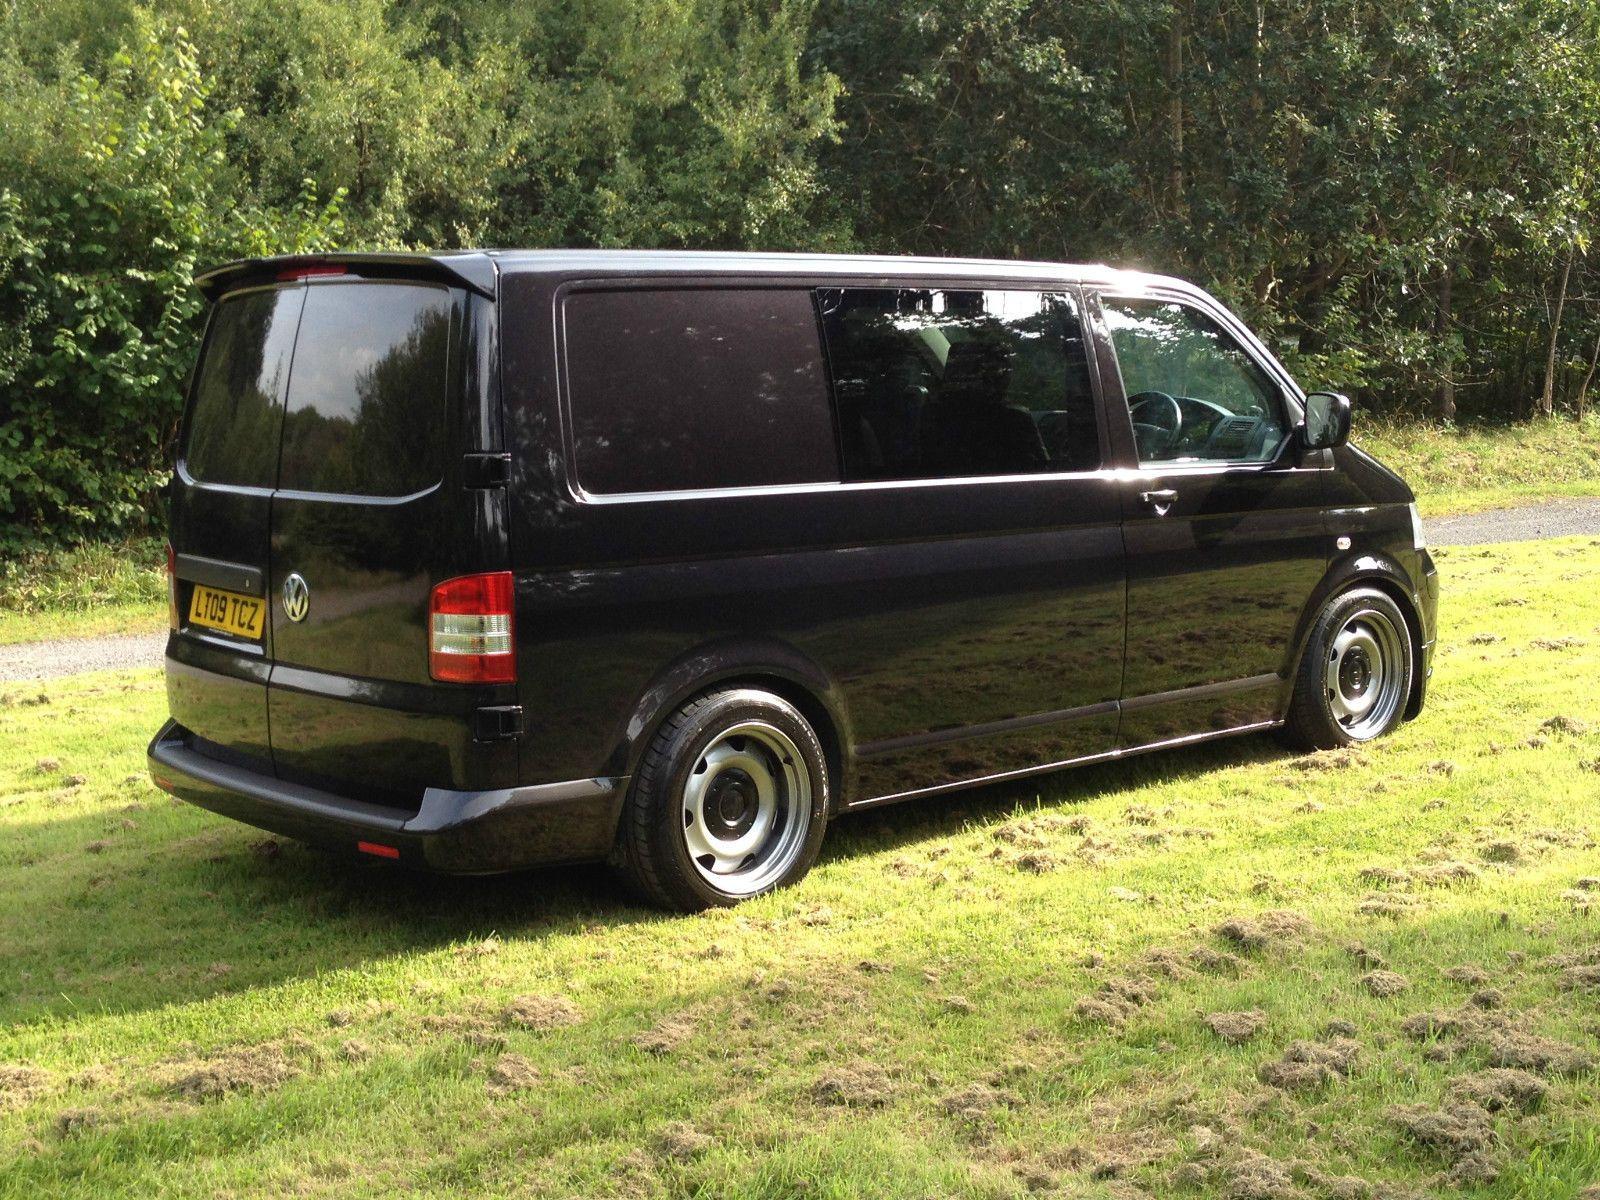 vw transporter t5 6 seat kombi van t5 vans and vw t5. Black Bedroom Furniture Sets. Home Design Ideas